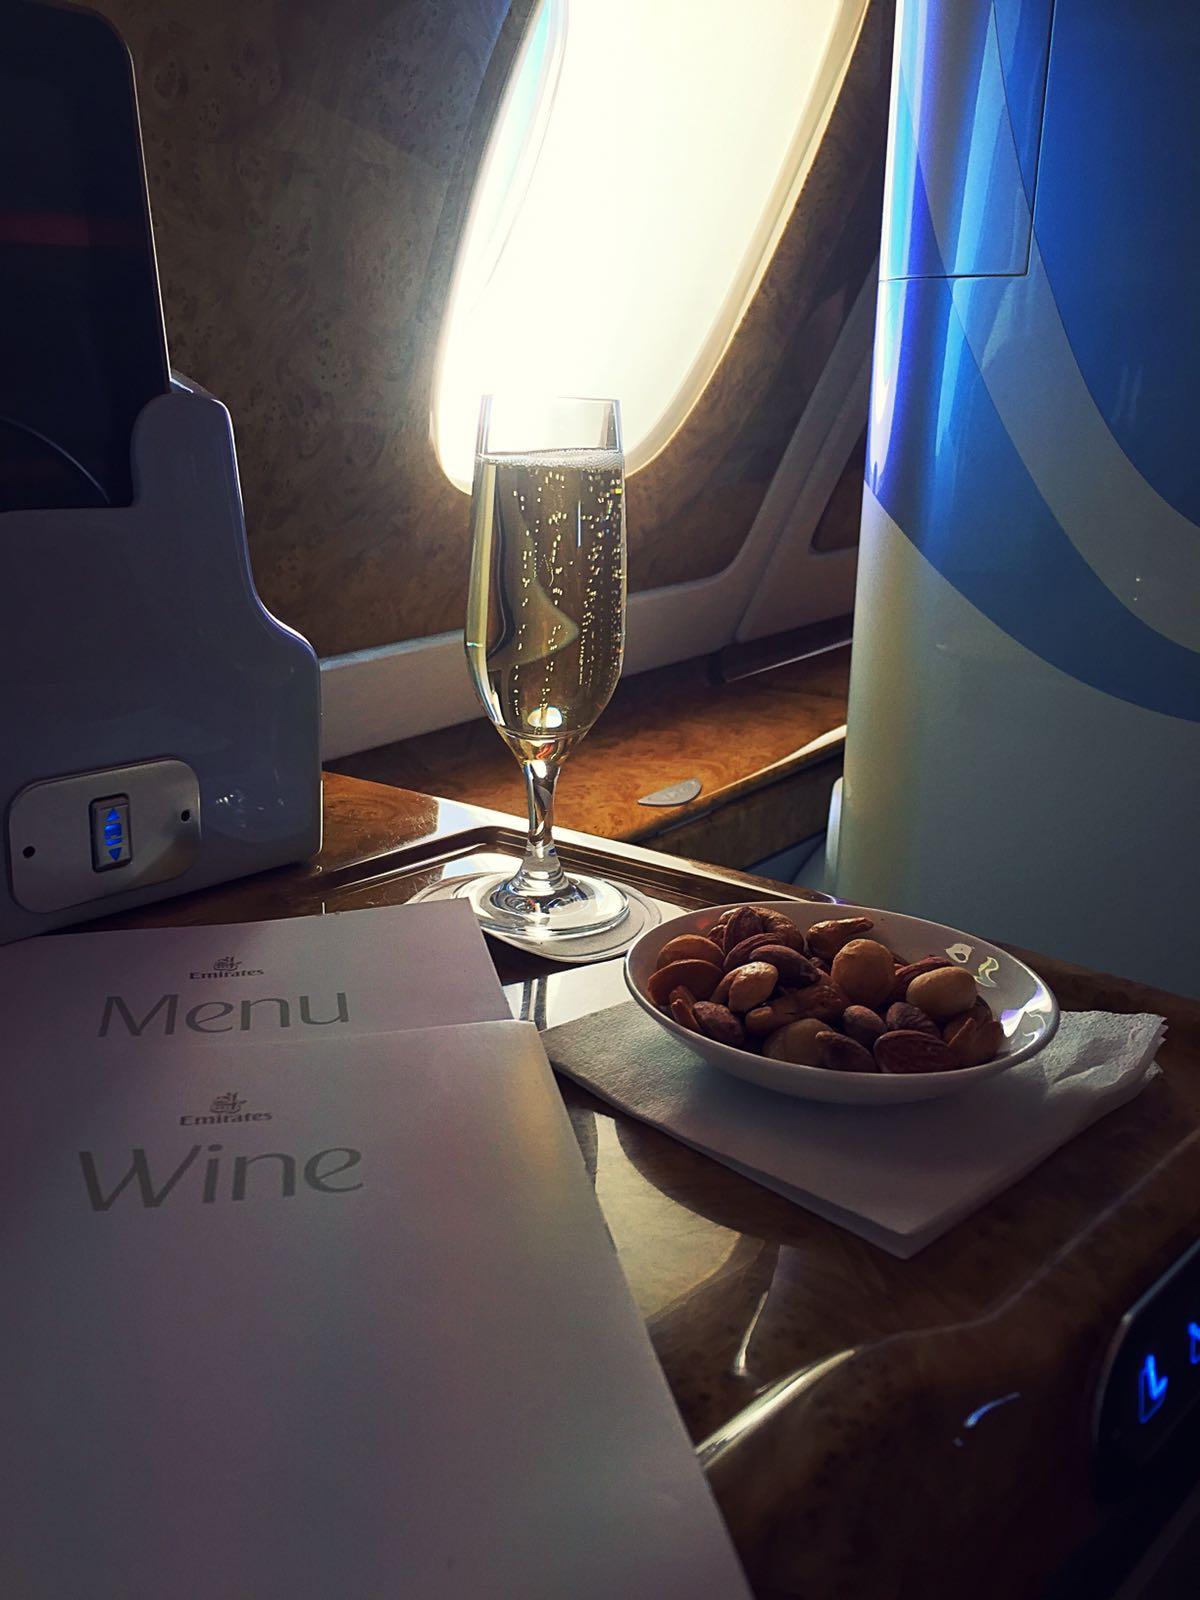 Wine on board ofplanes